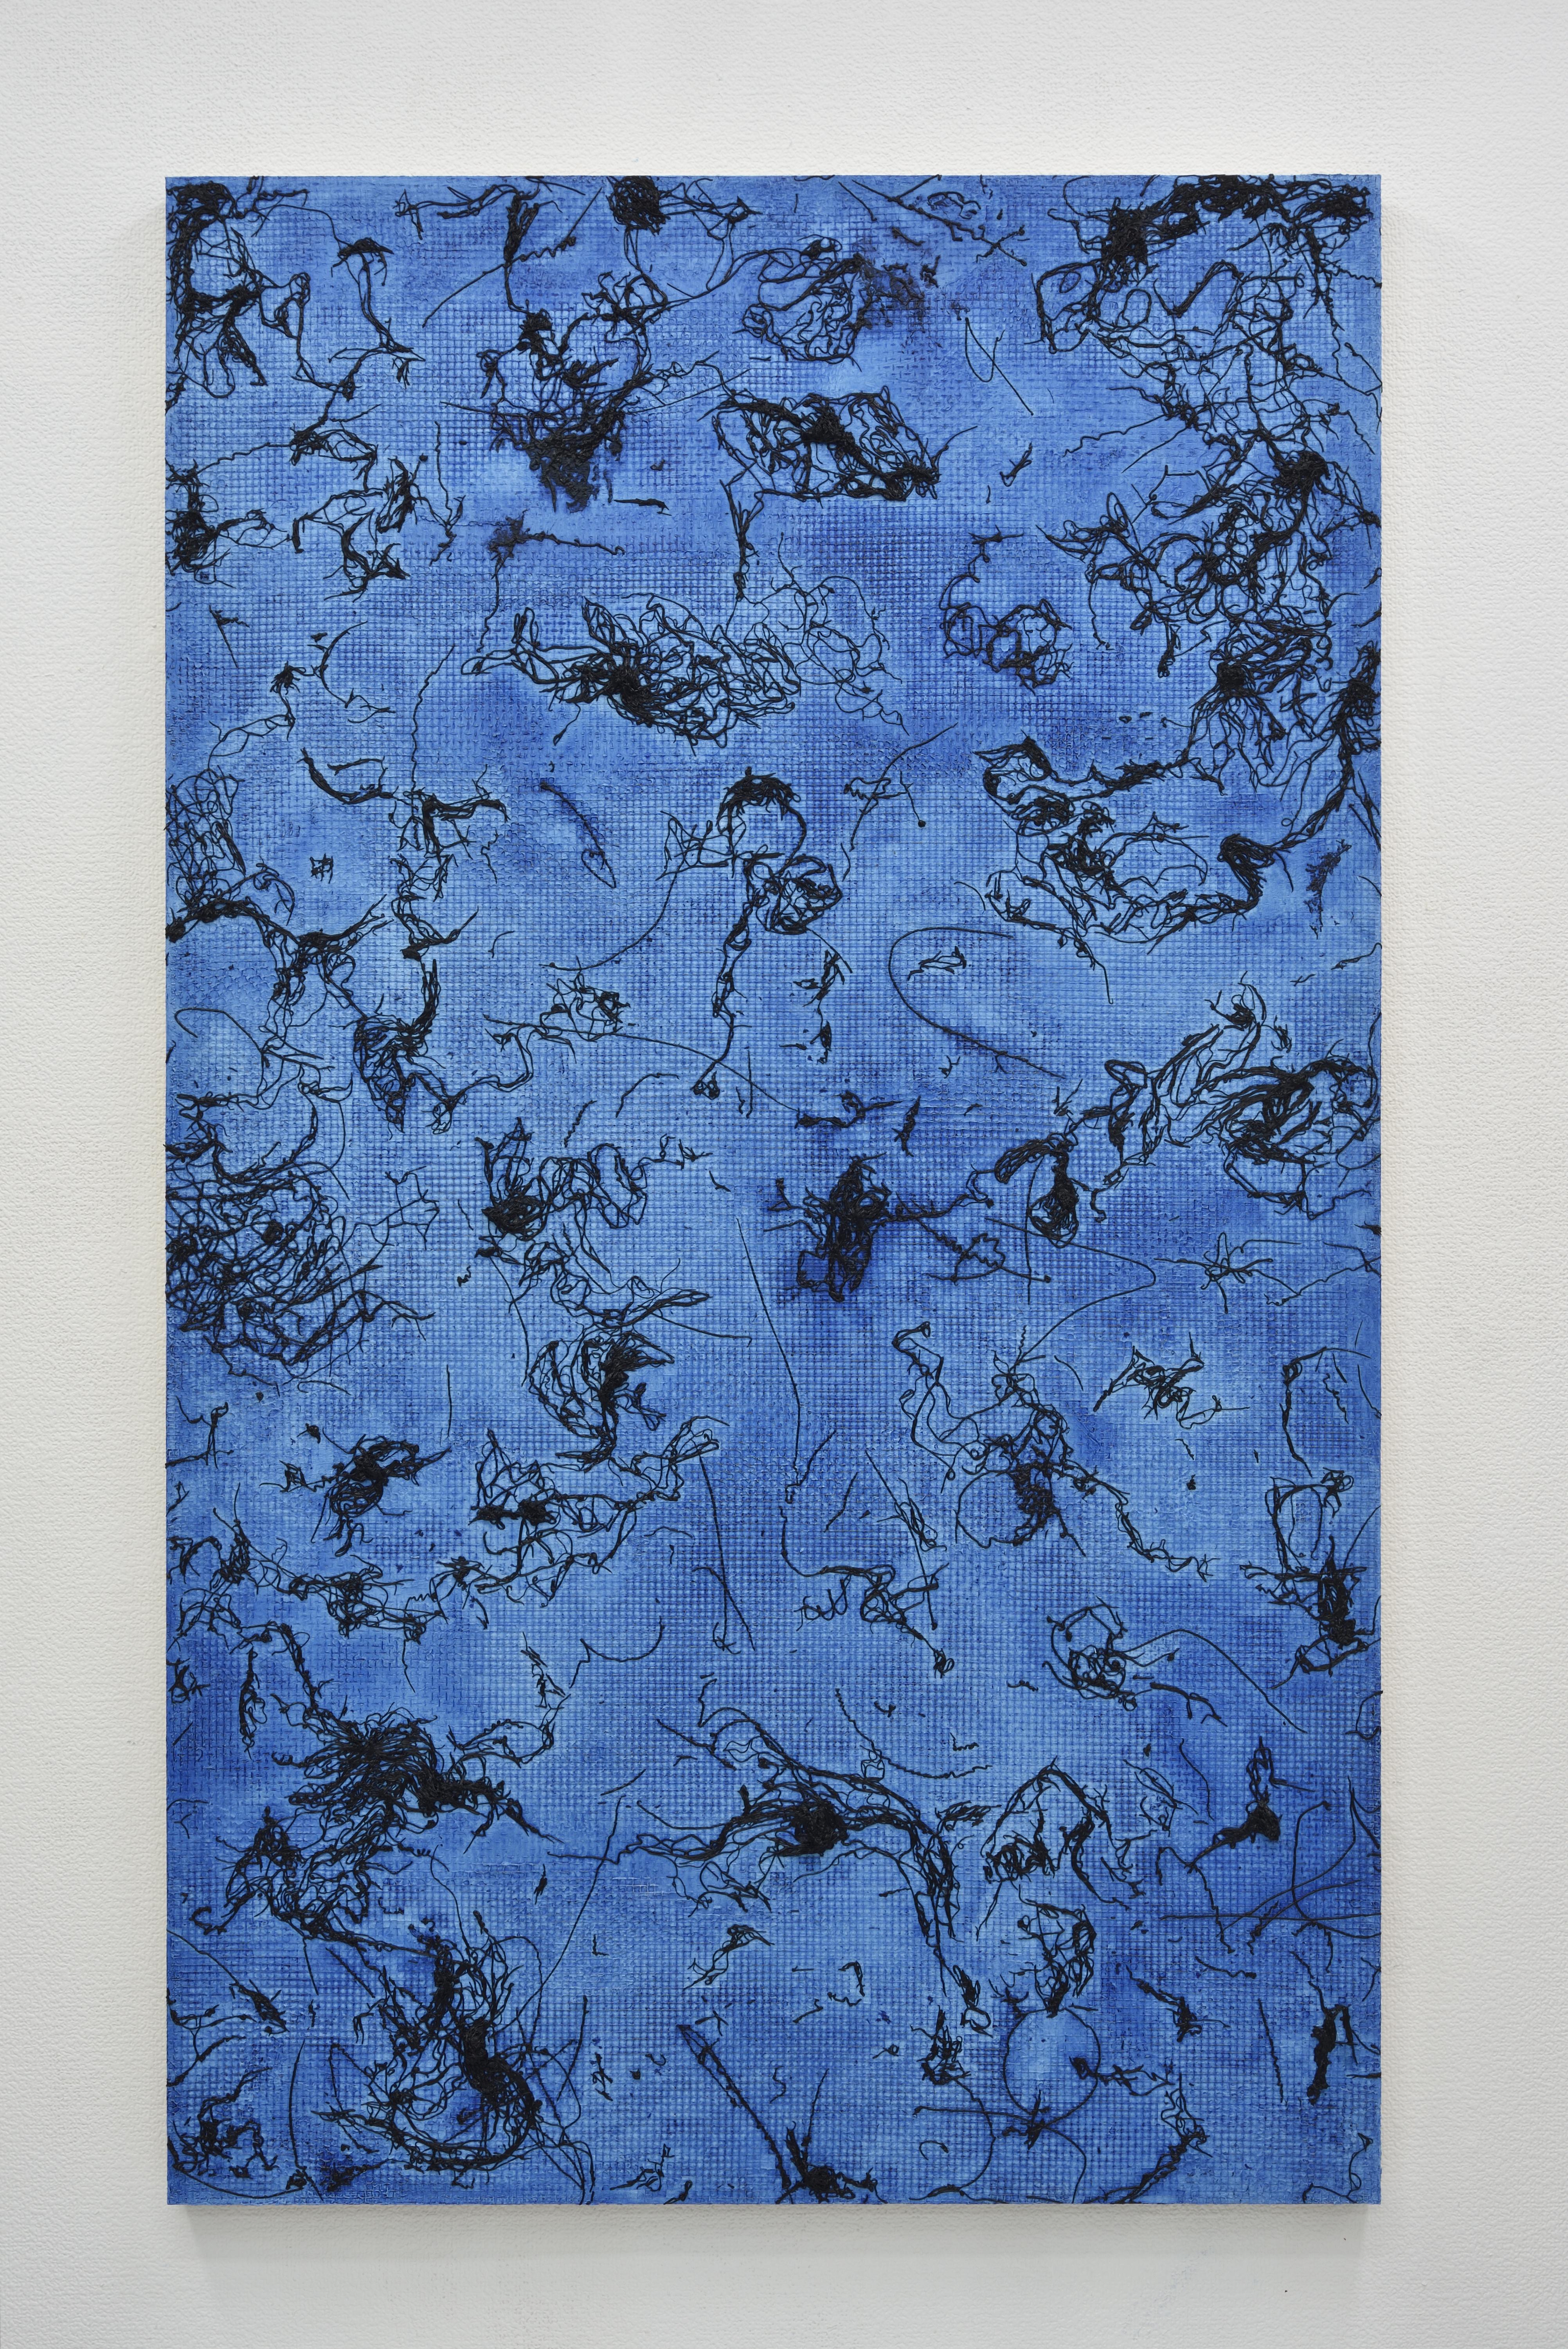 髙畠依子さんの新作展、これまでの到達点からさらに一歩踏み込んだ「泉」【今週のおすすめアート】